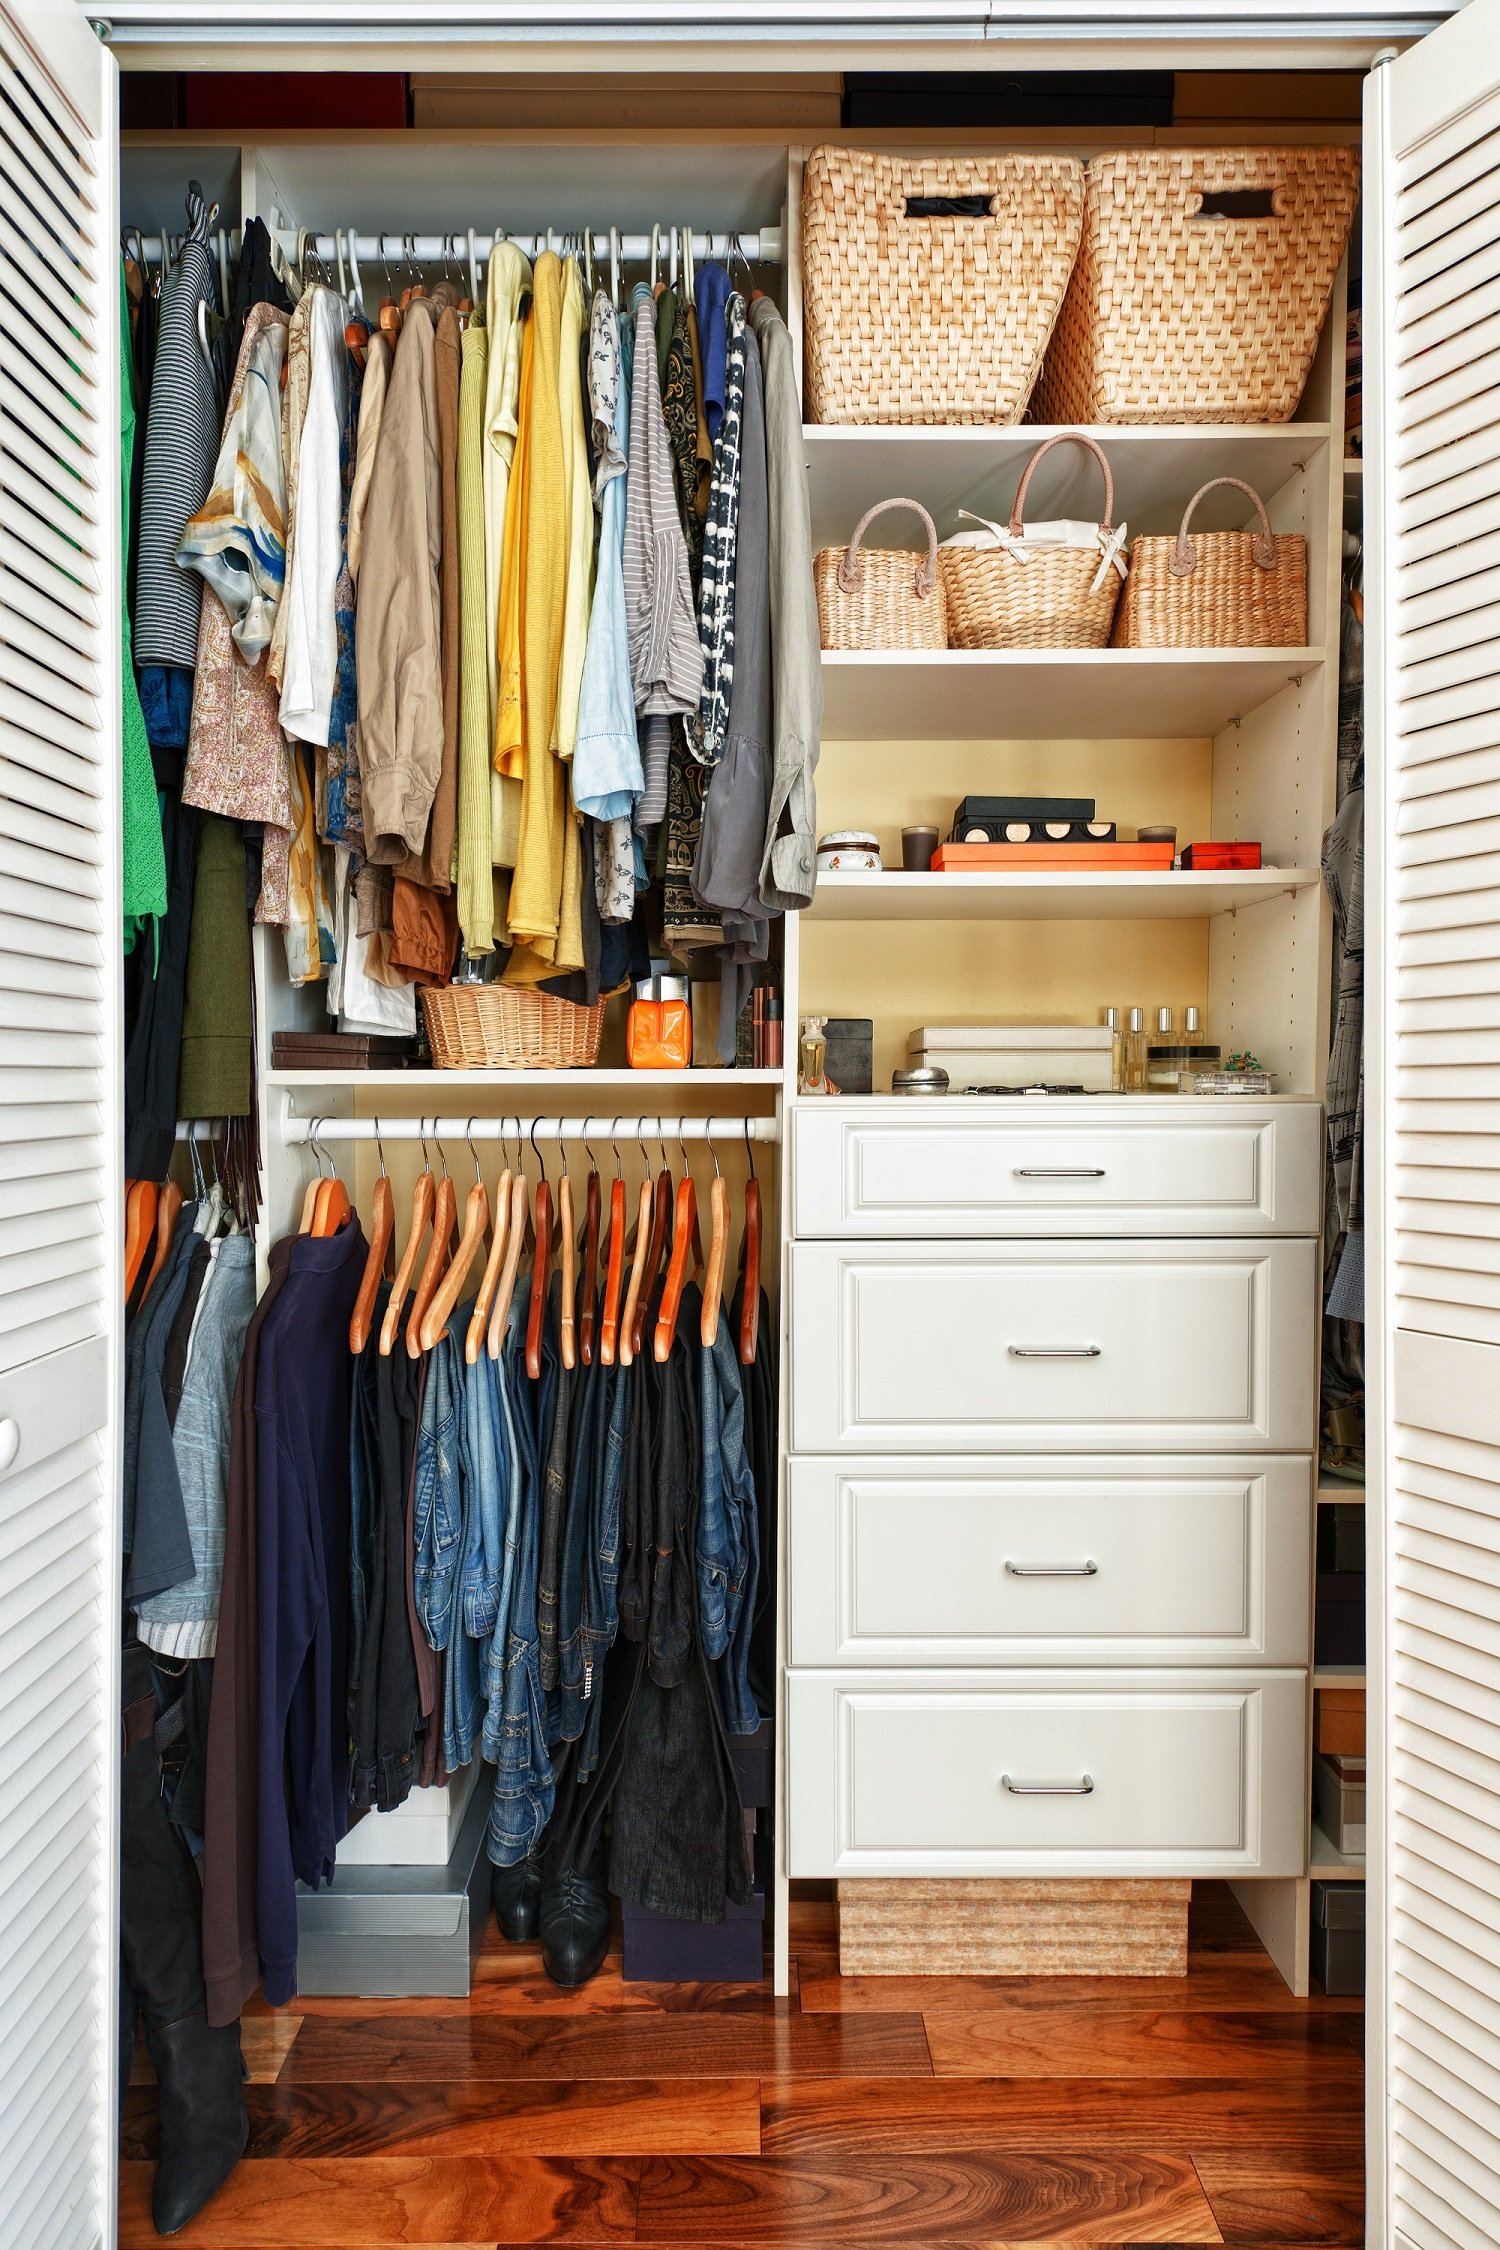 Não é só organizar os armários pontualmente, é preciso mudar a forma como nos relacionamos com a casa, para mantê-la organizada. Foto: Bigstock.